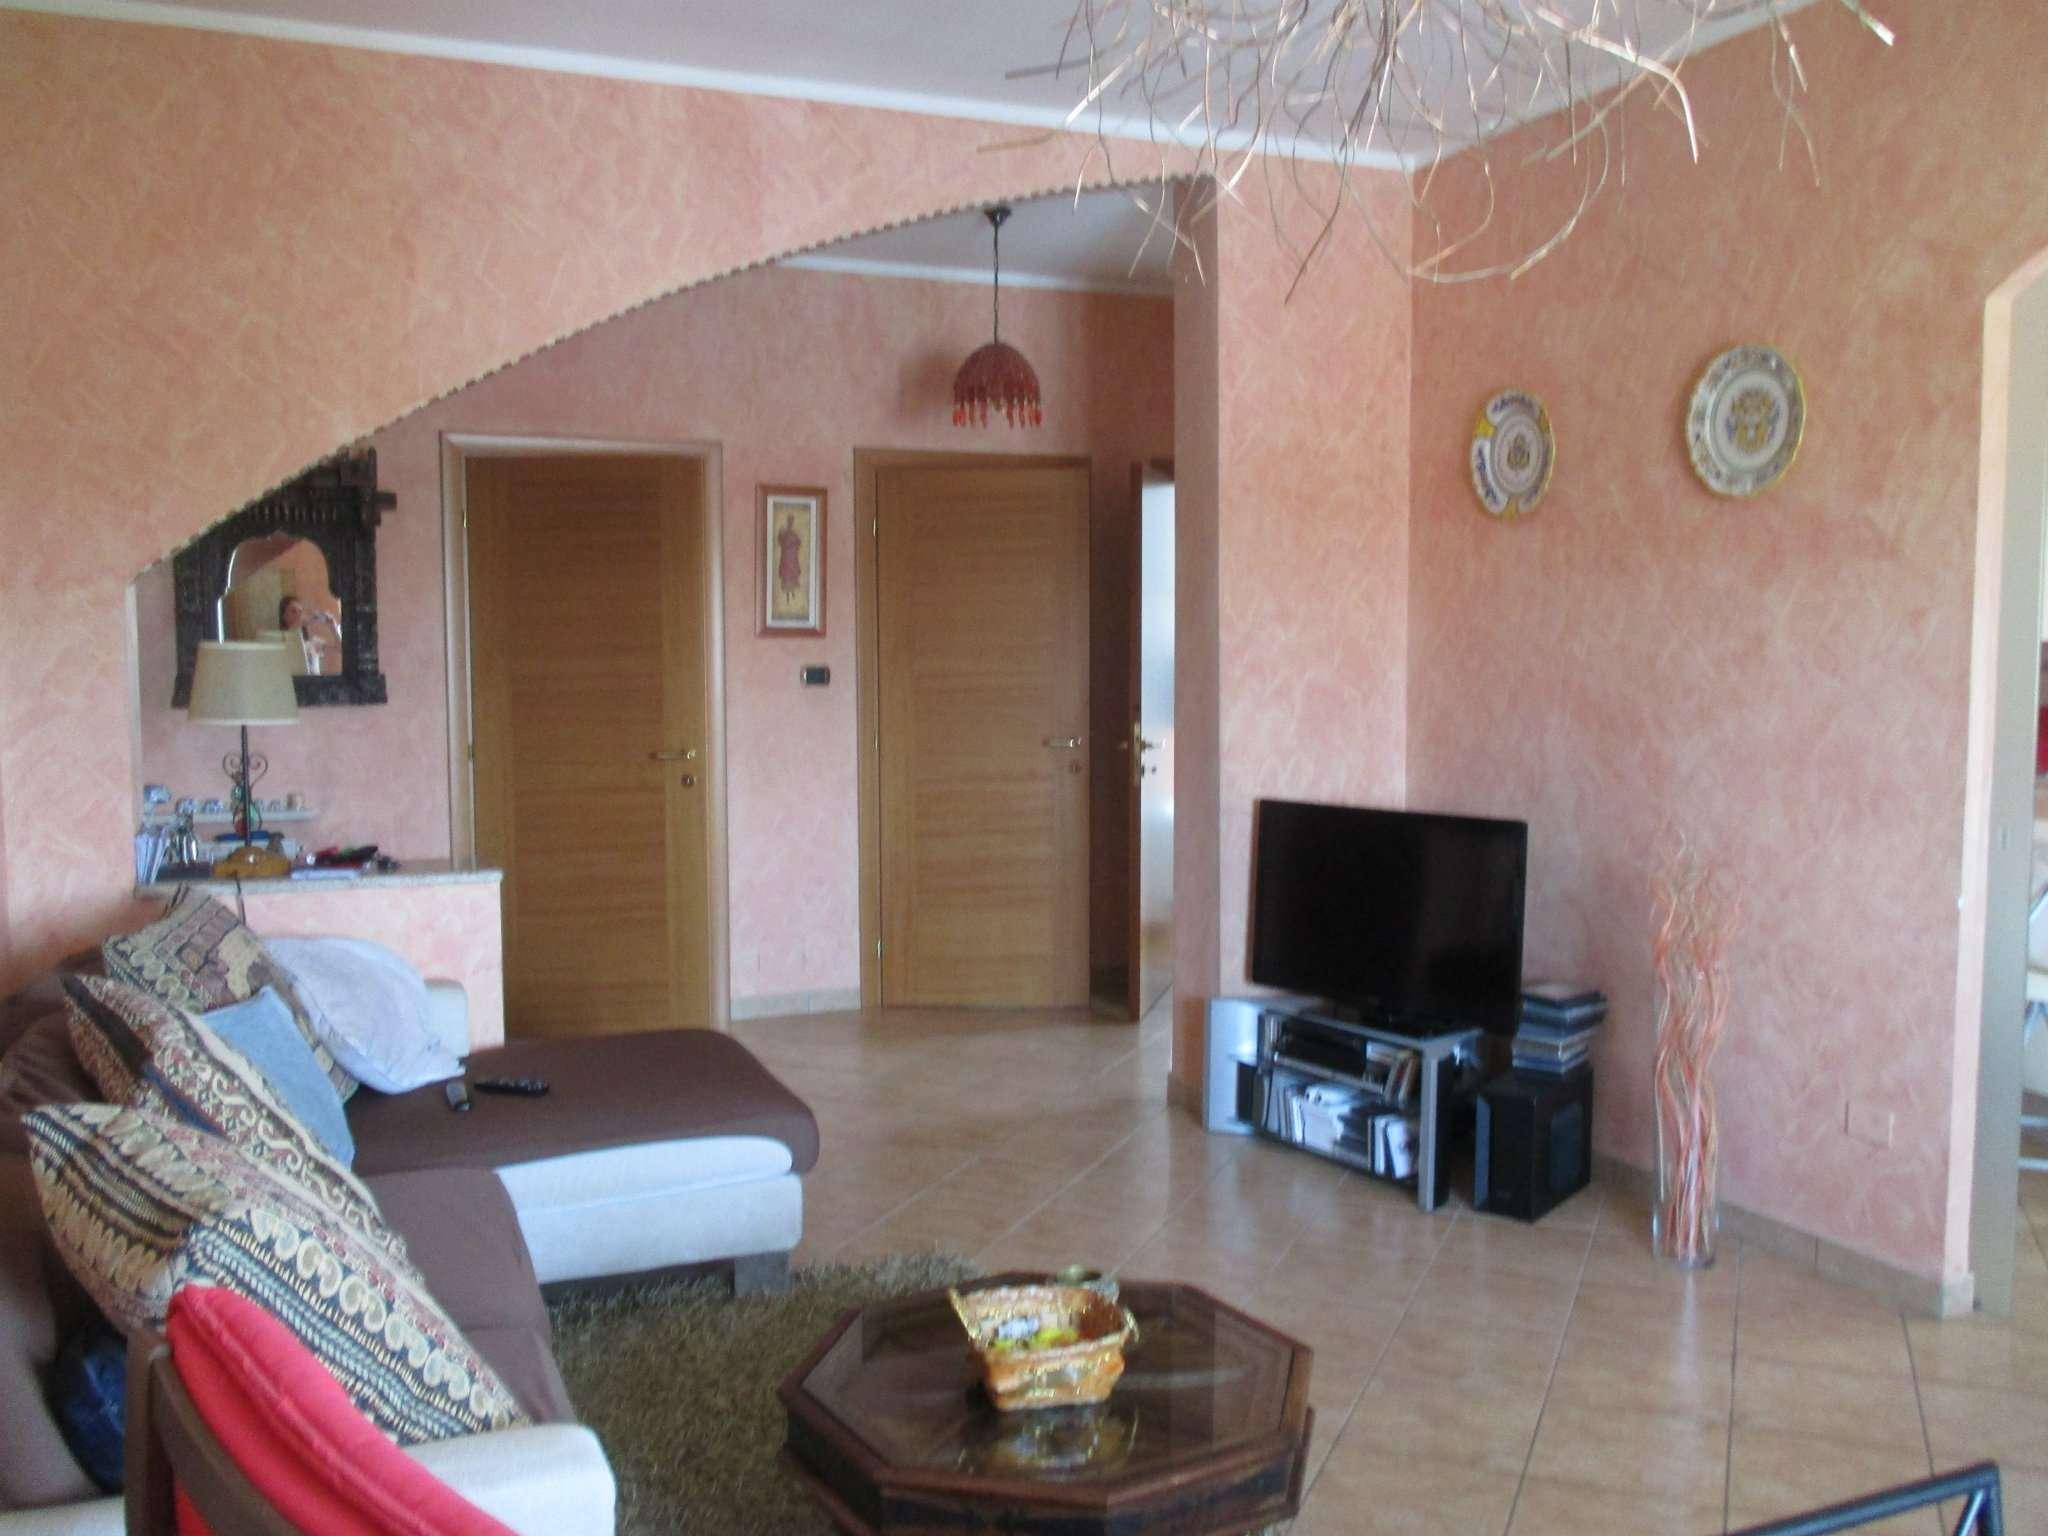 Appartamento in vendita a Rondissone, 4 locali, prezzo € 100.000 | CambioCasa.it